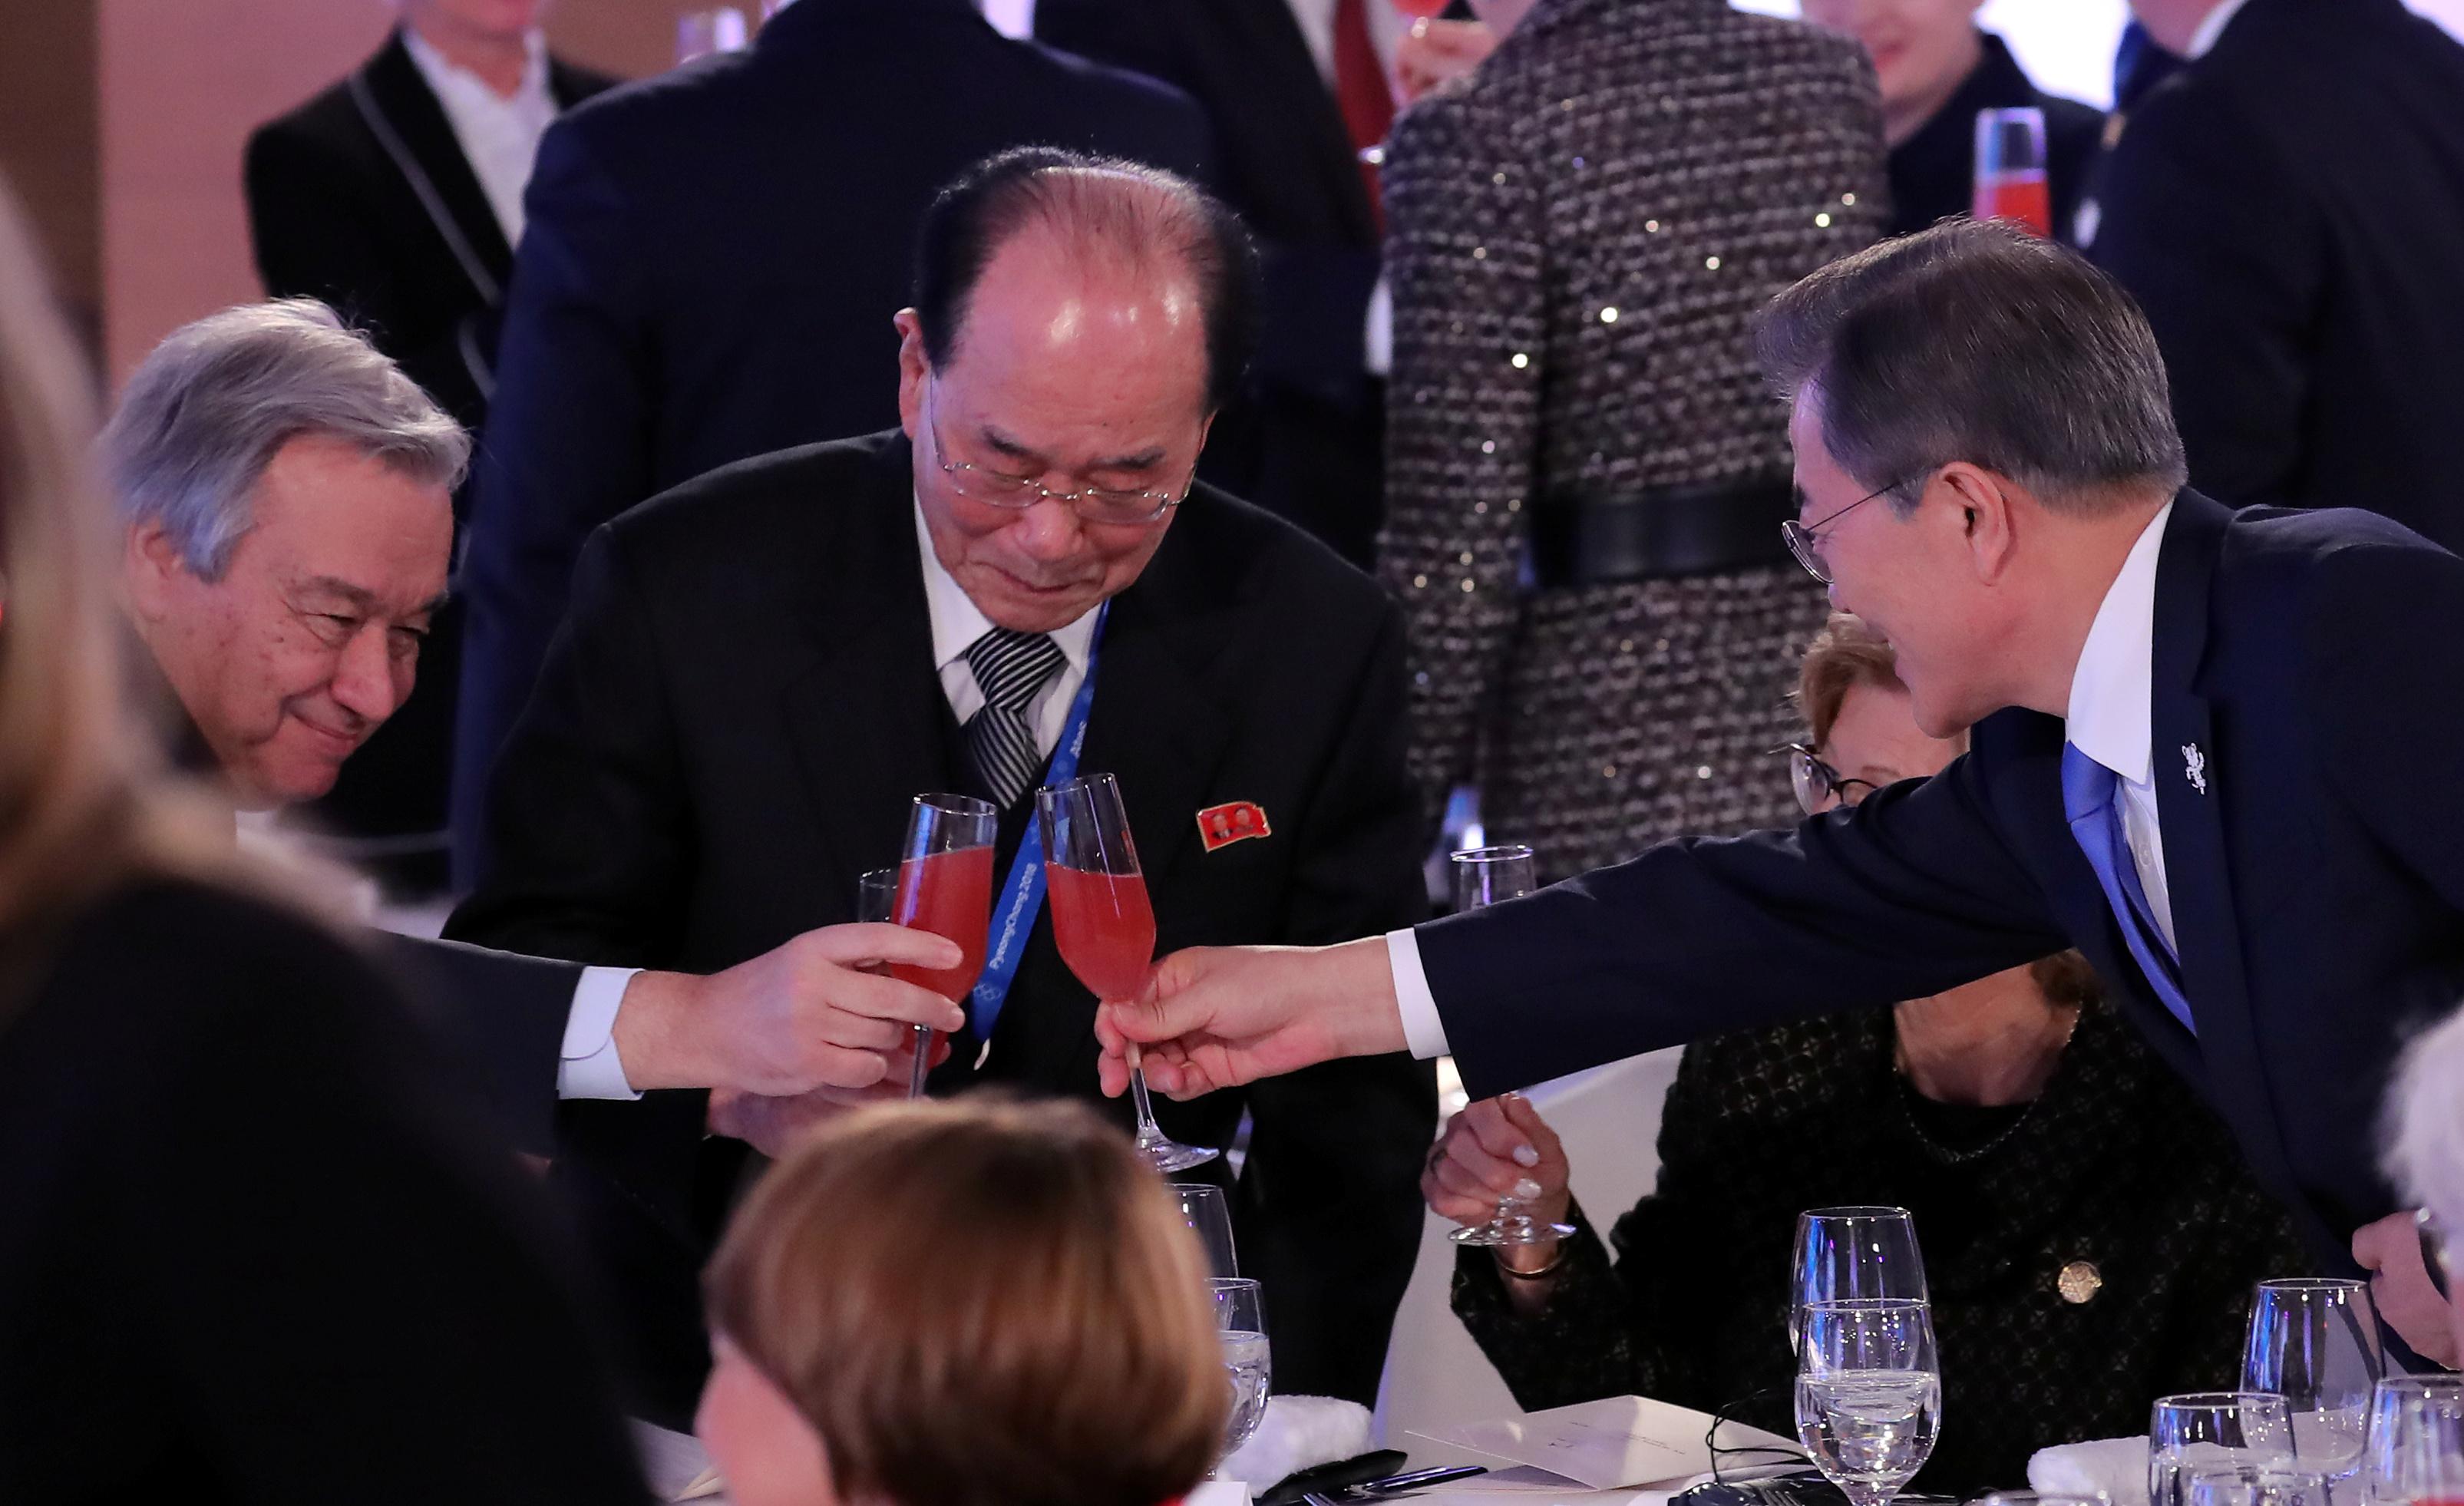 الأمين العام للأمم المتحدة جوتيريس يحيى رئيس كوريا الجنوبية